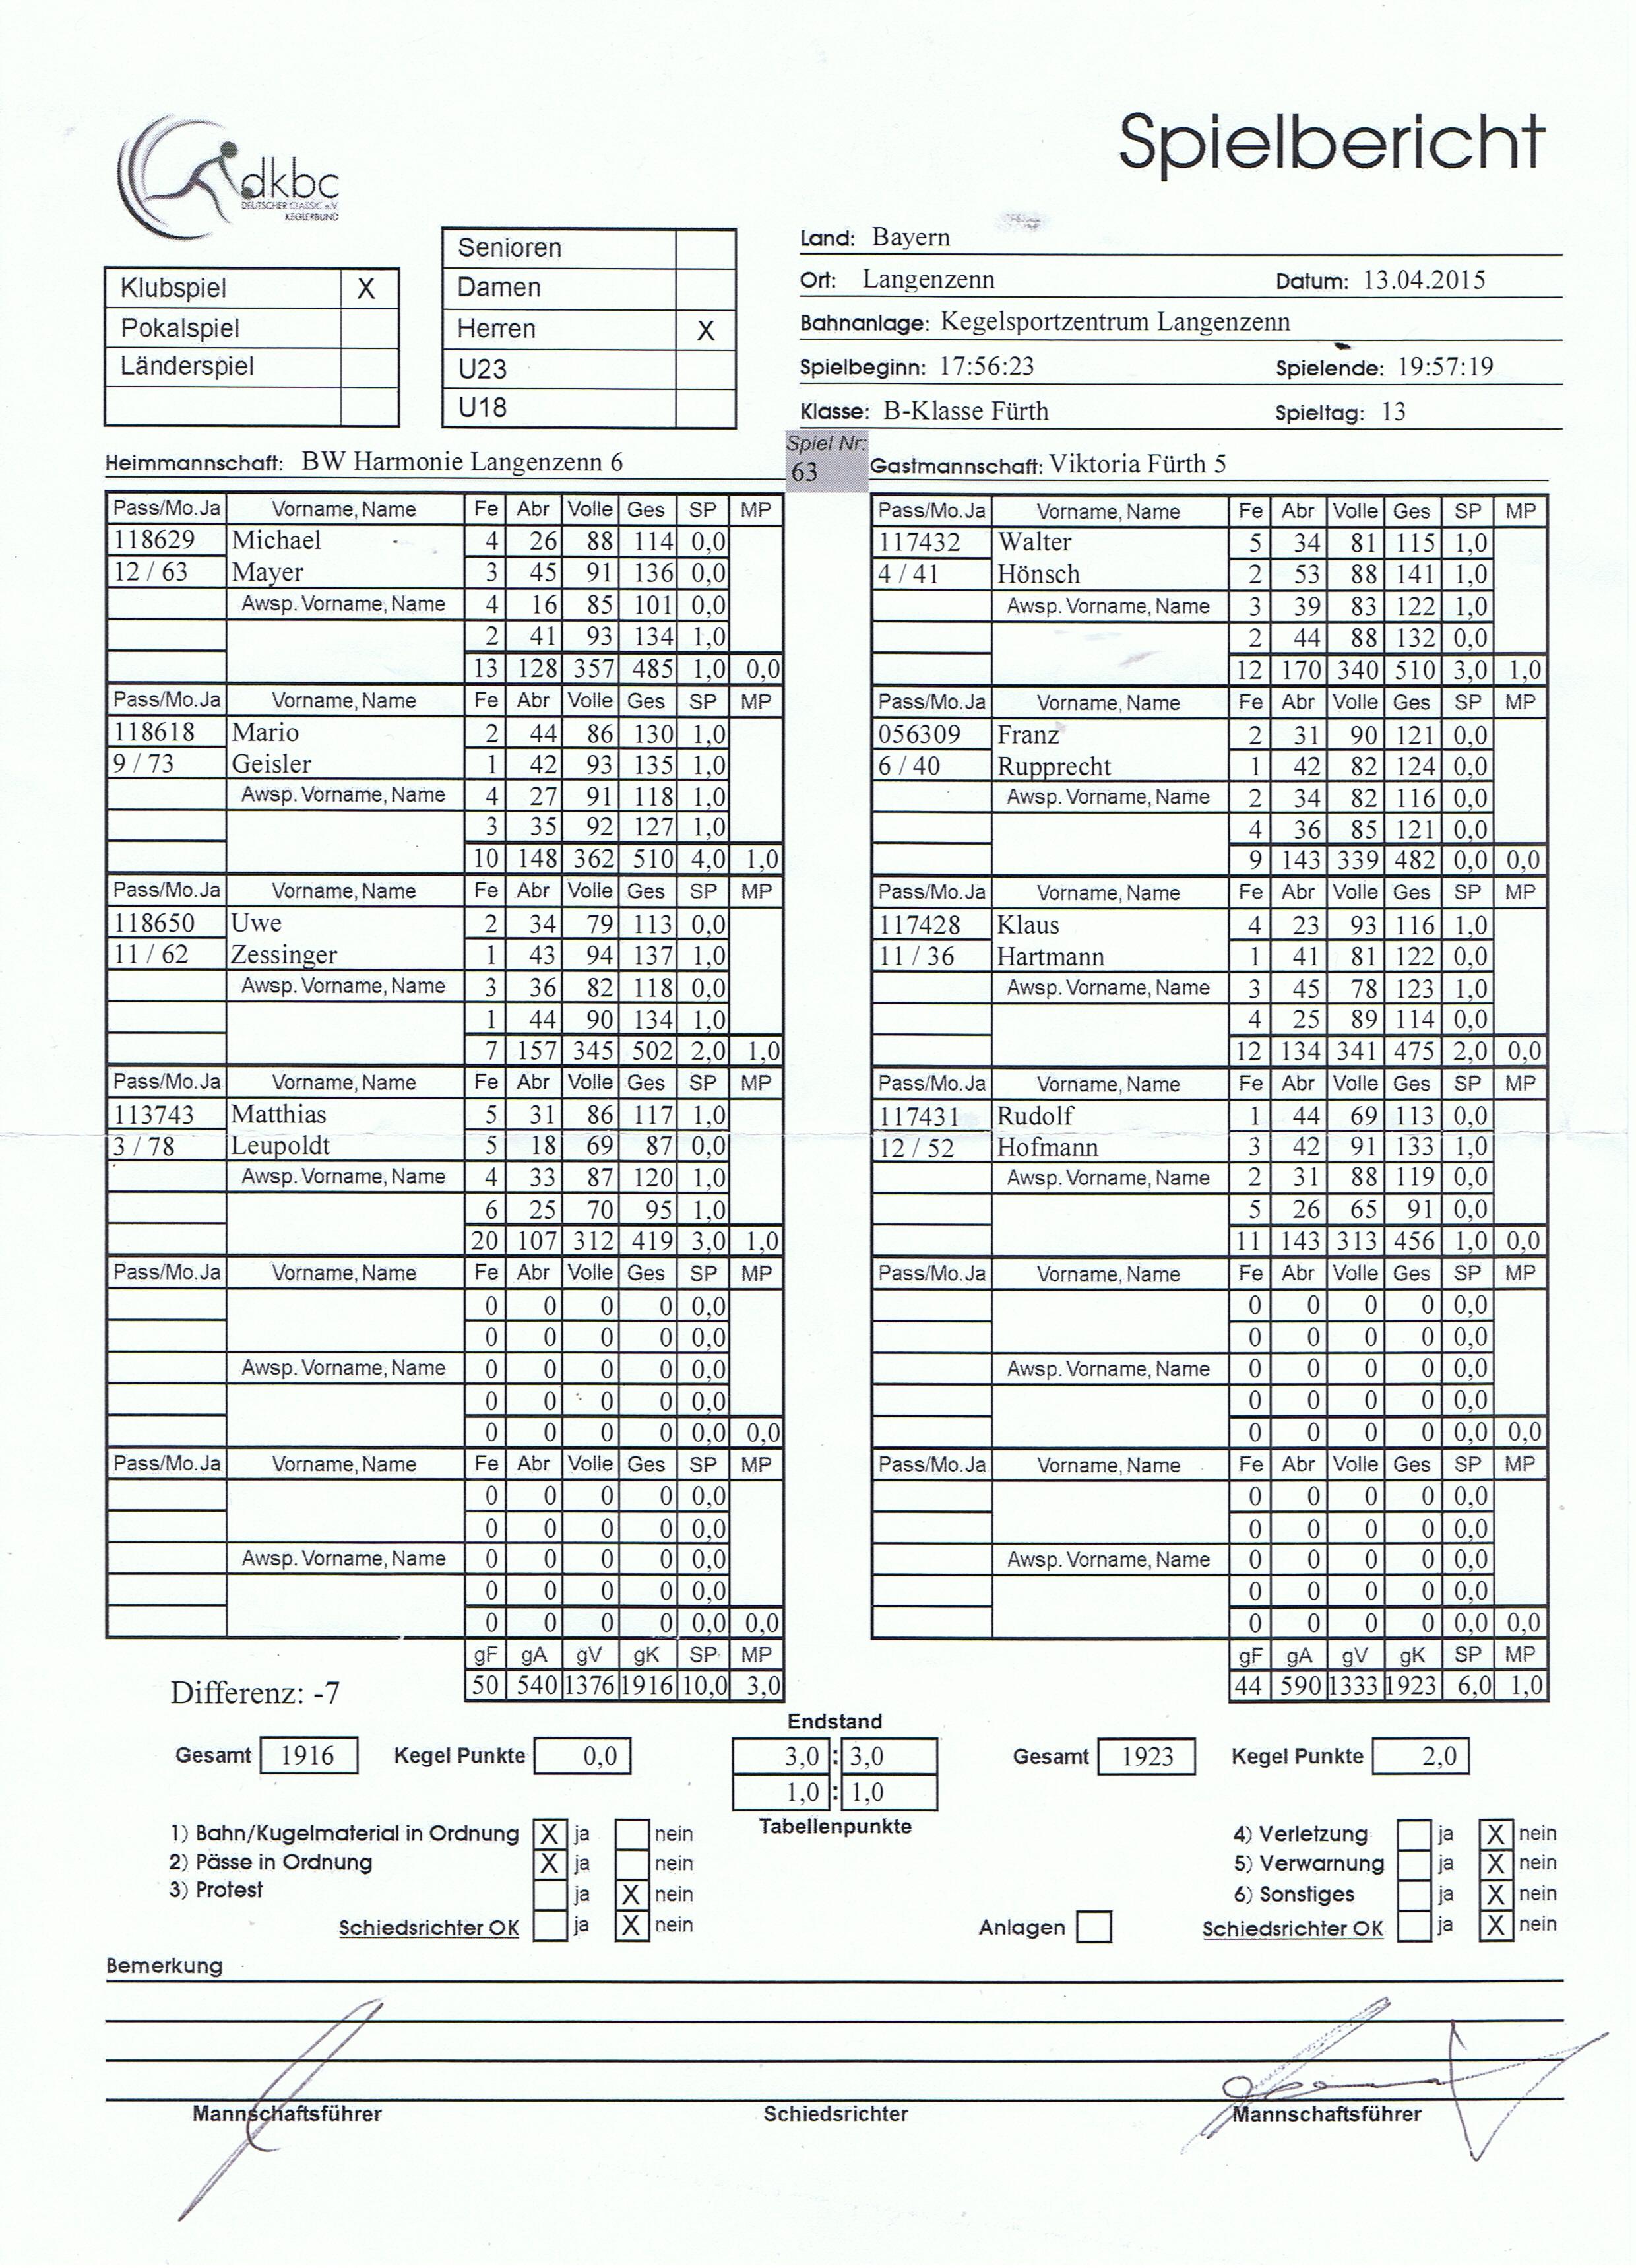 BWHarmLgz6-V5